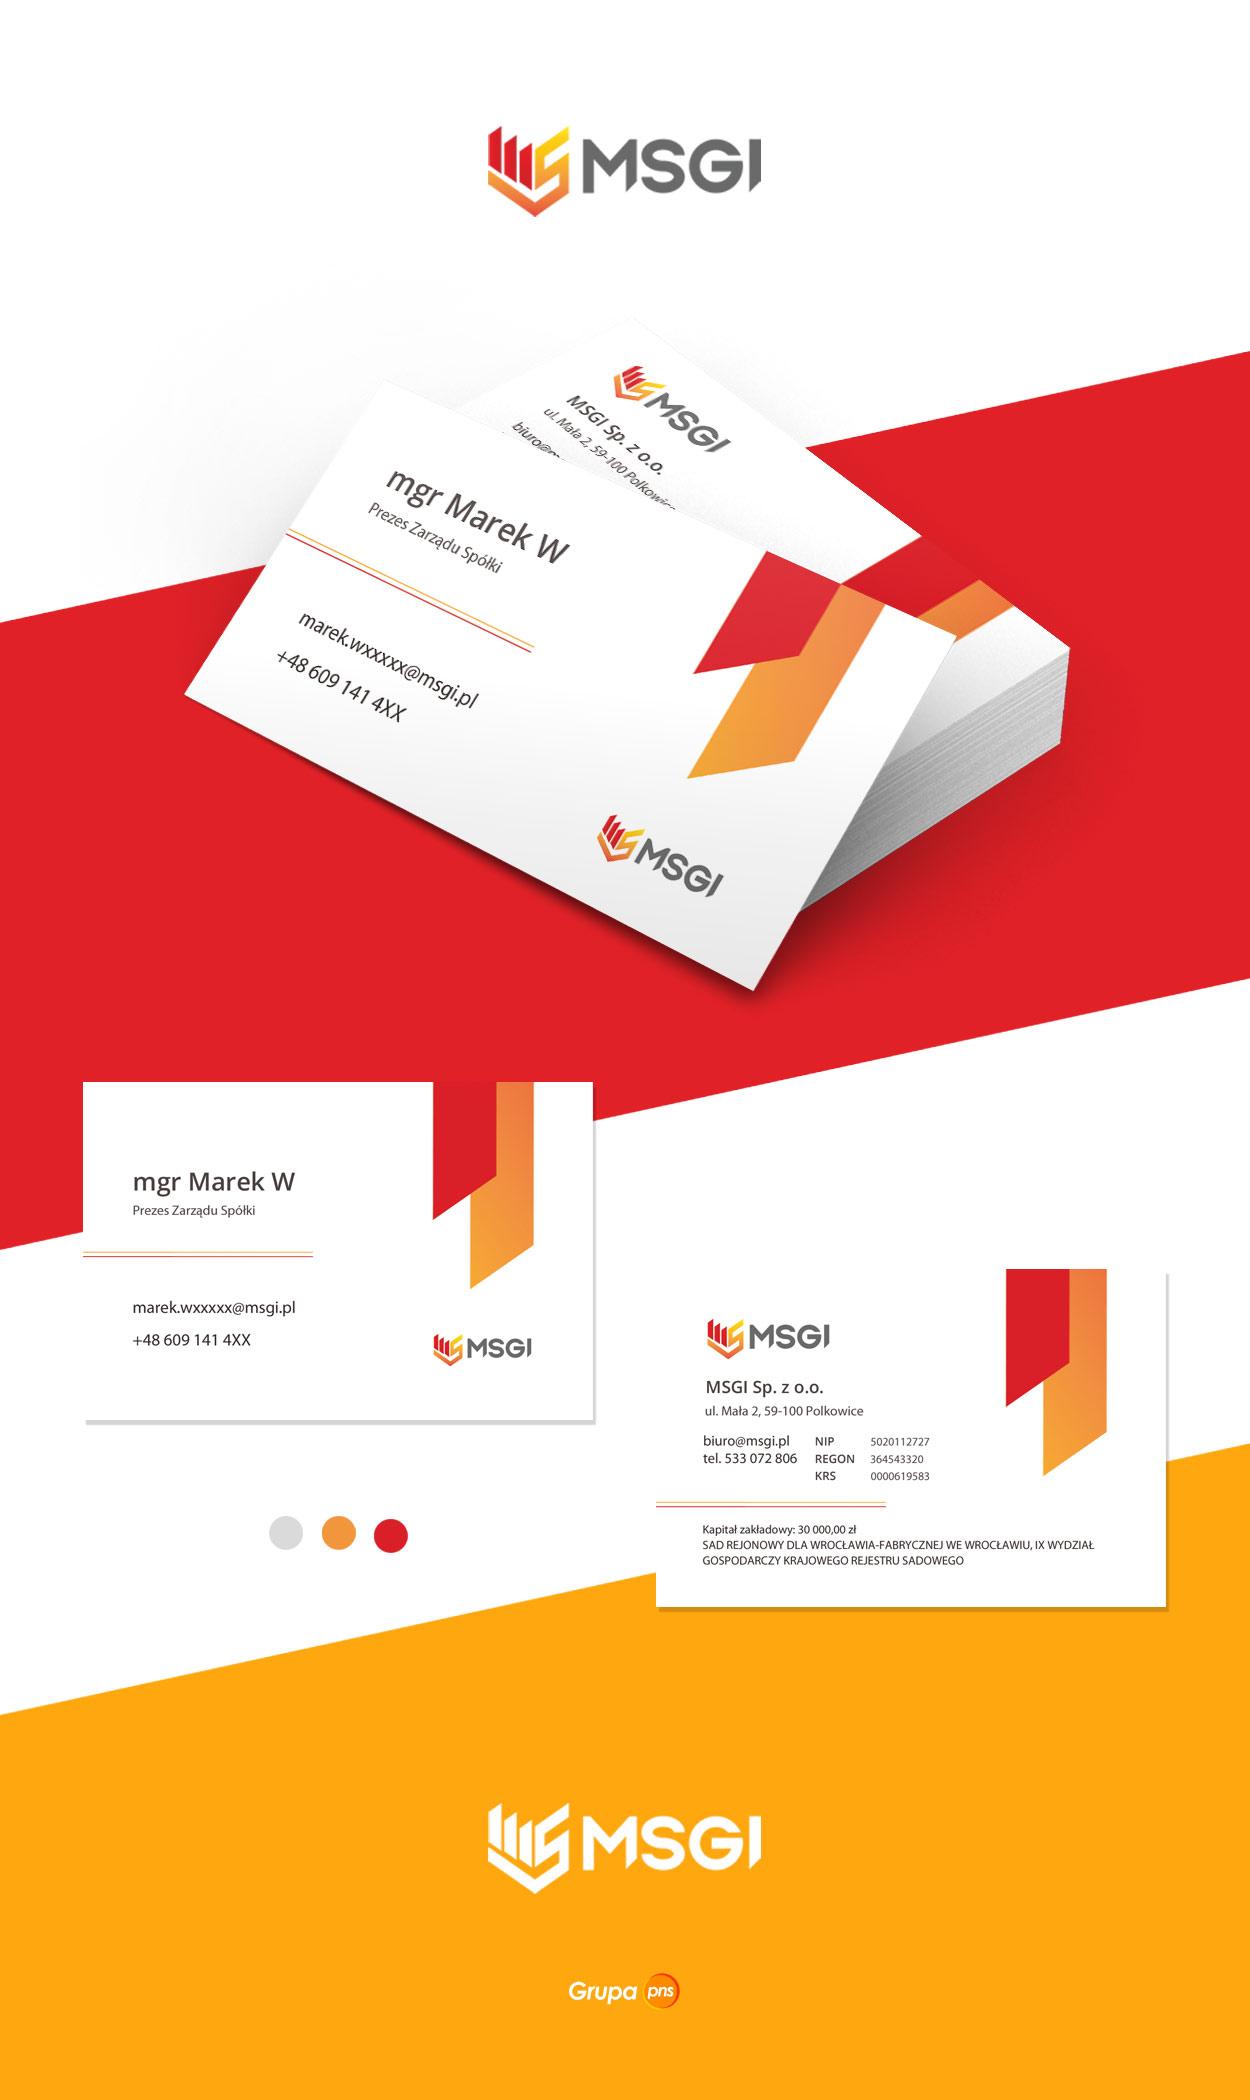 projekt wizytowki firmowej msgi - Projekt wizytówki dla firmy - MSGI